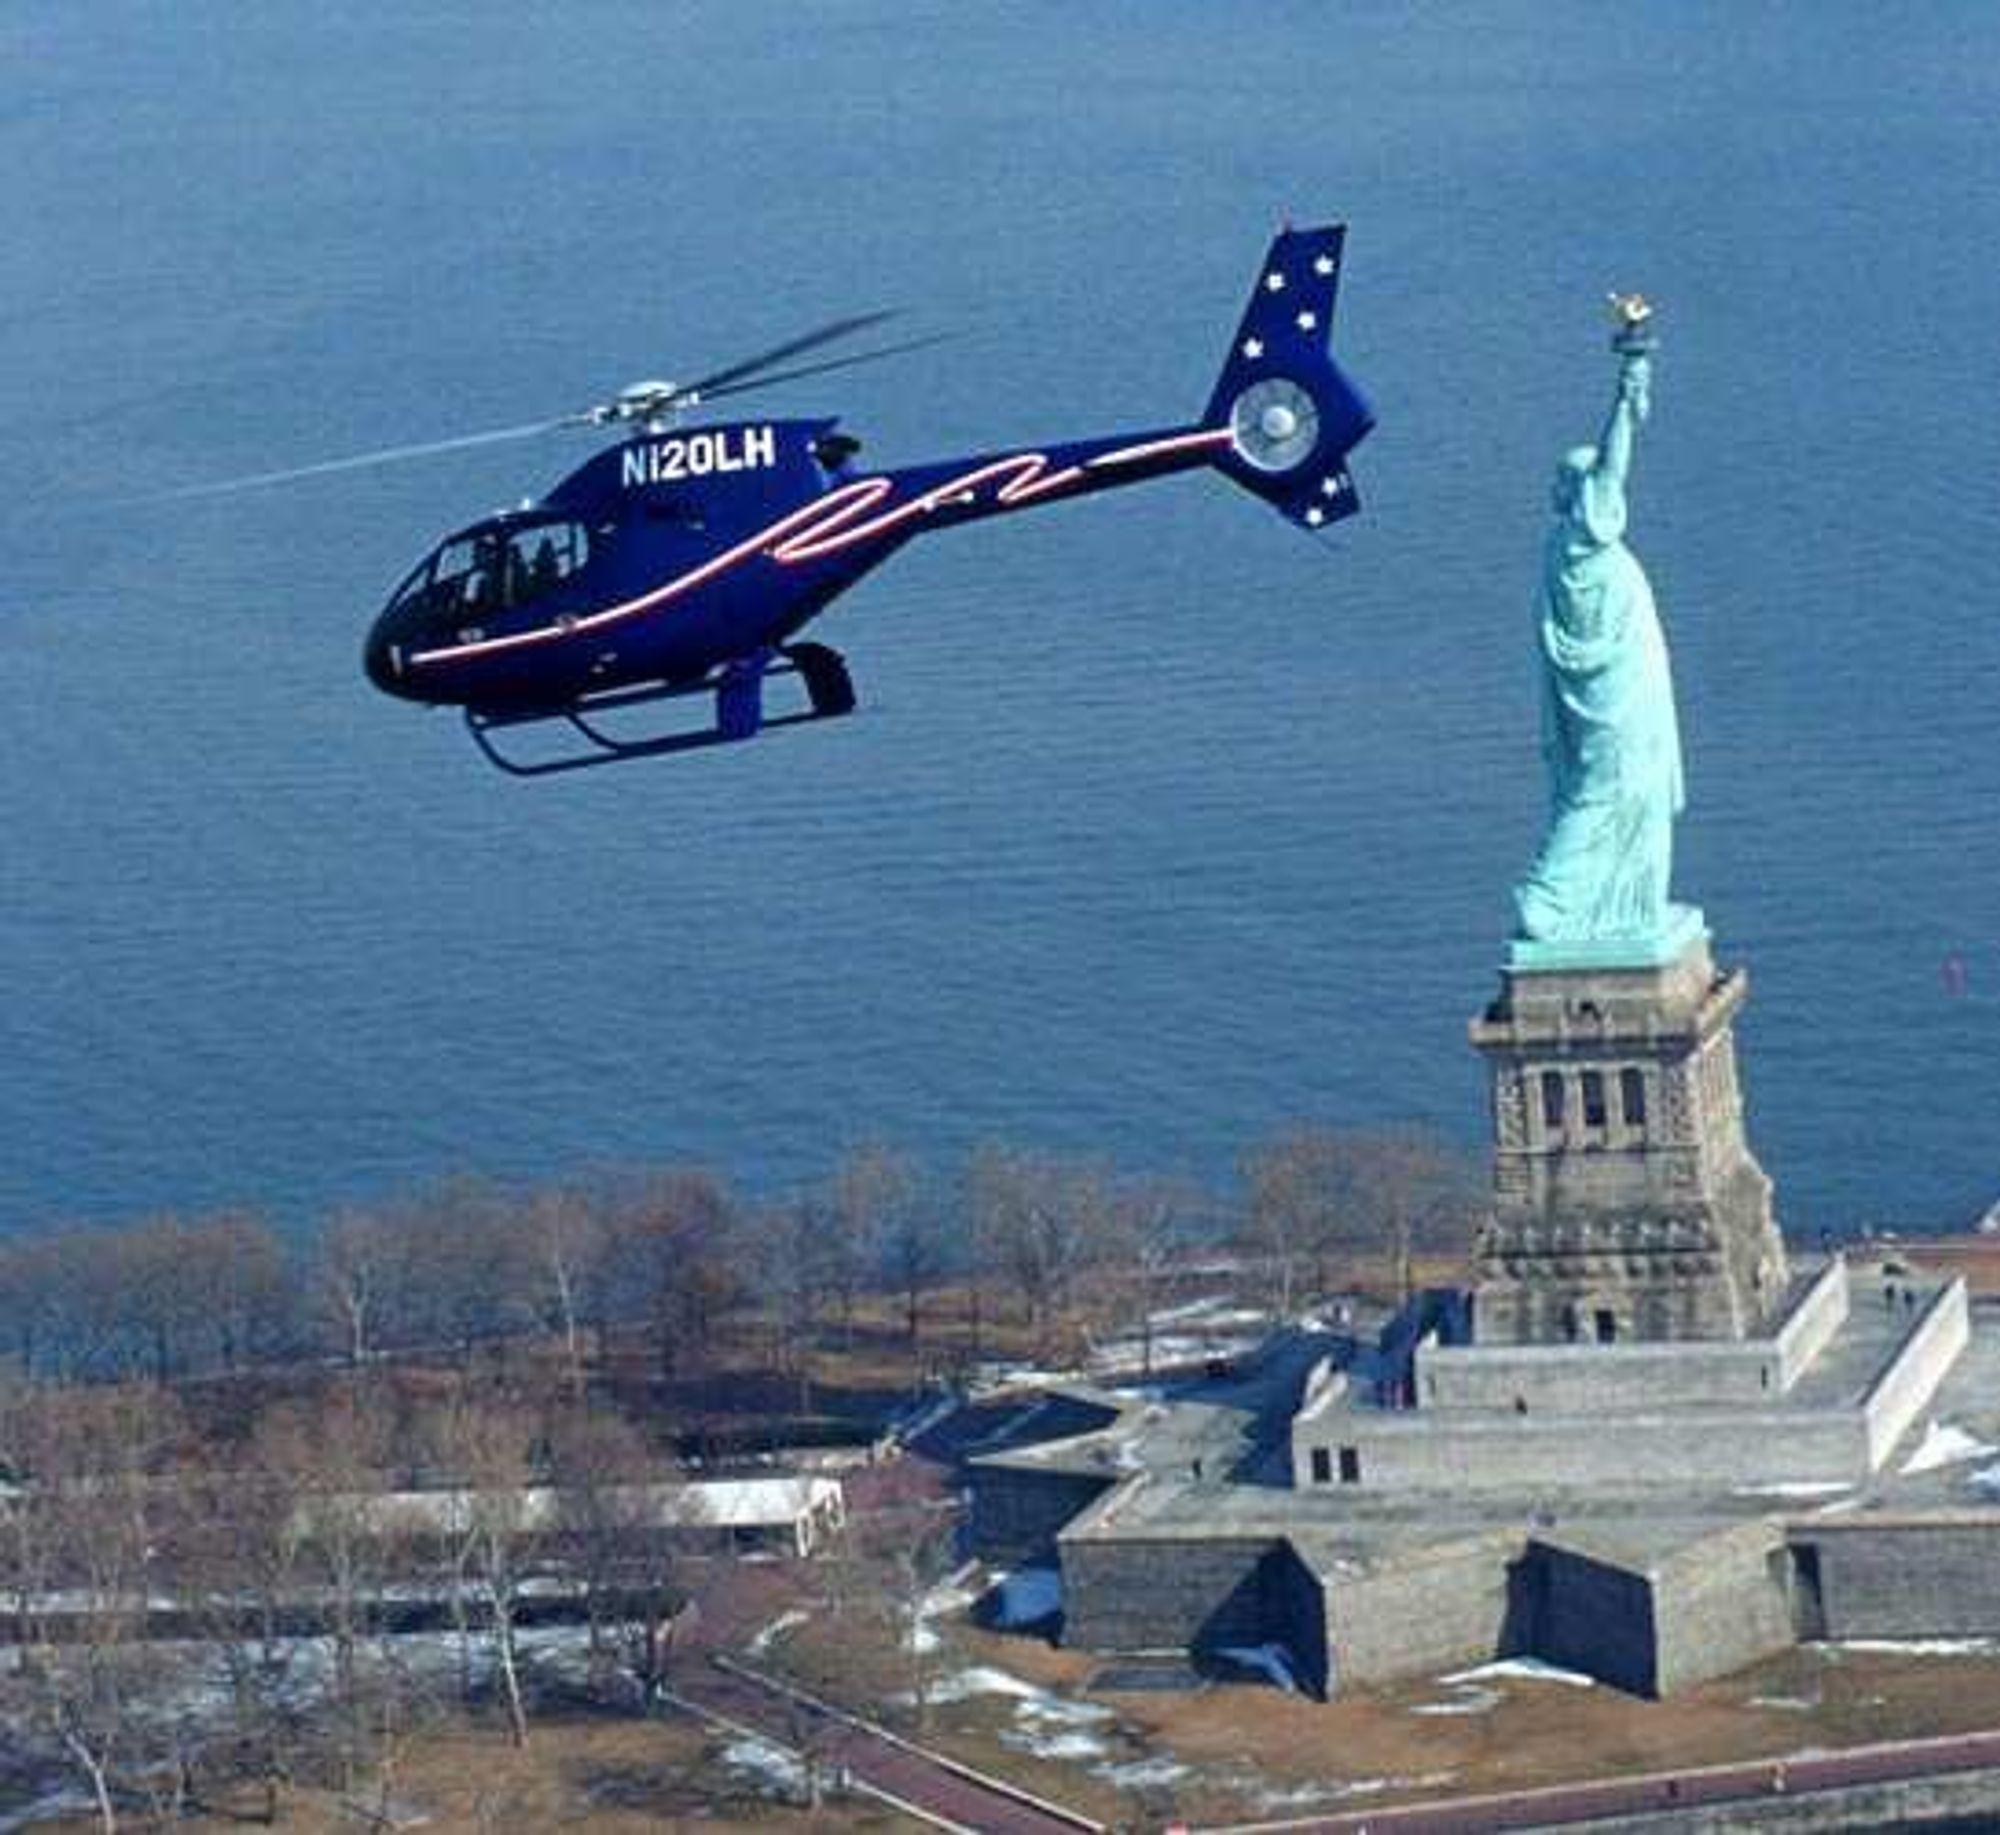 ER DER: Bildet viser en av de mange sivile Eurocoptermodellene som allerede er i bruk i USA. En militær variant av denne modellen skal nå inn i US ARMY.